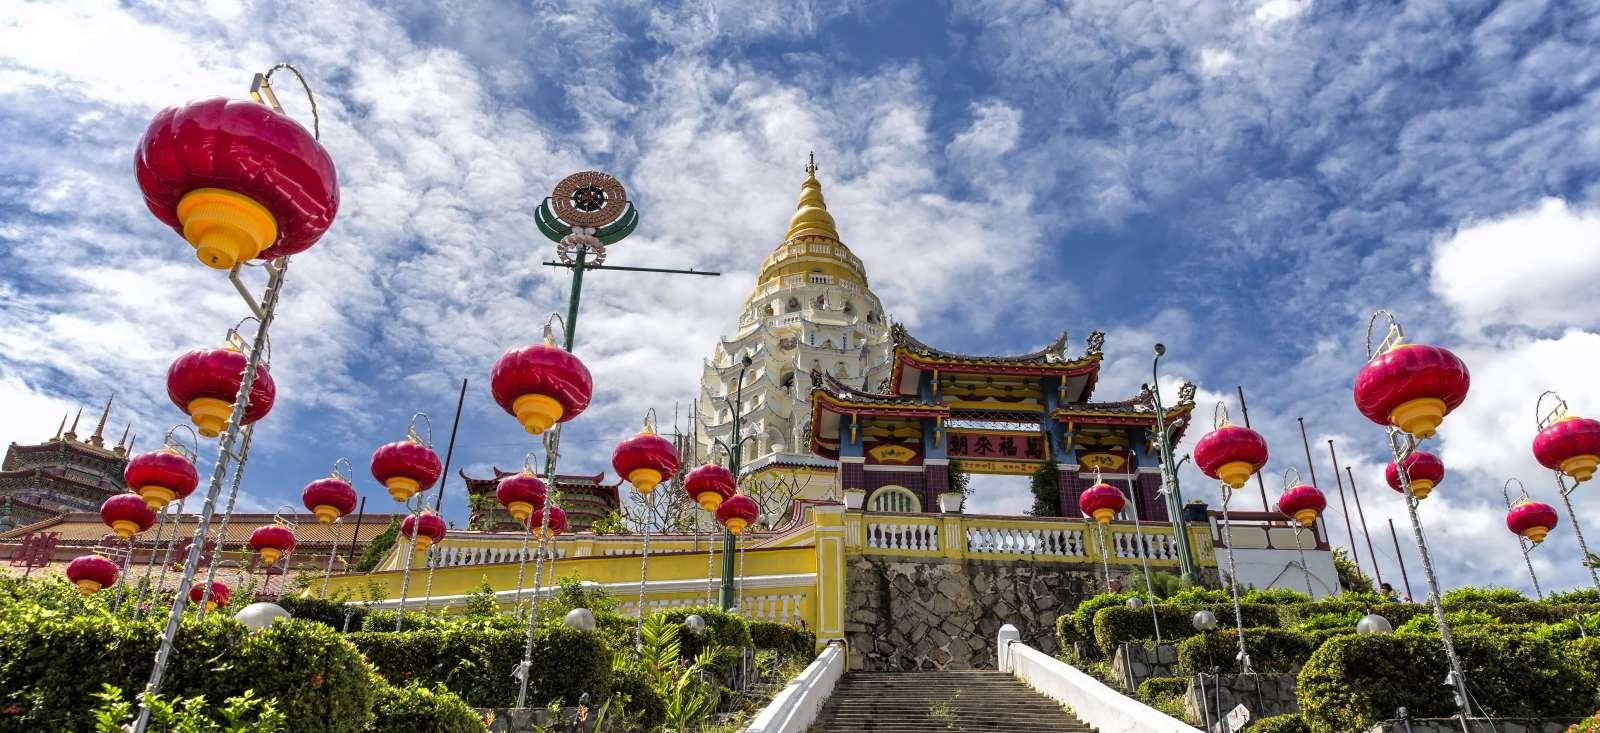 Voyage à pied : Autotour de Malacca aux iles Perhentian